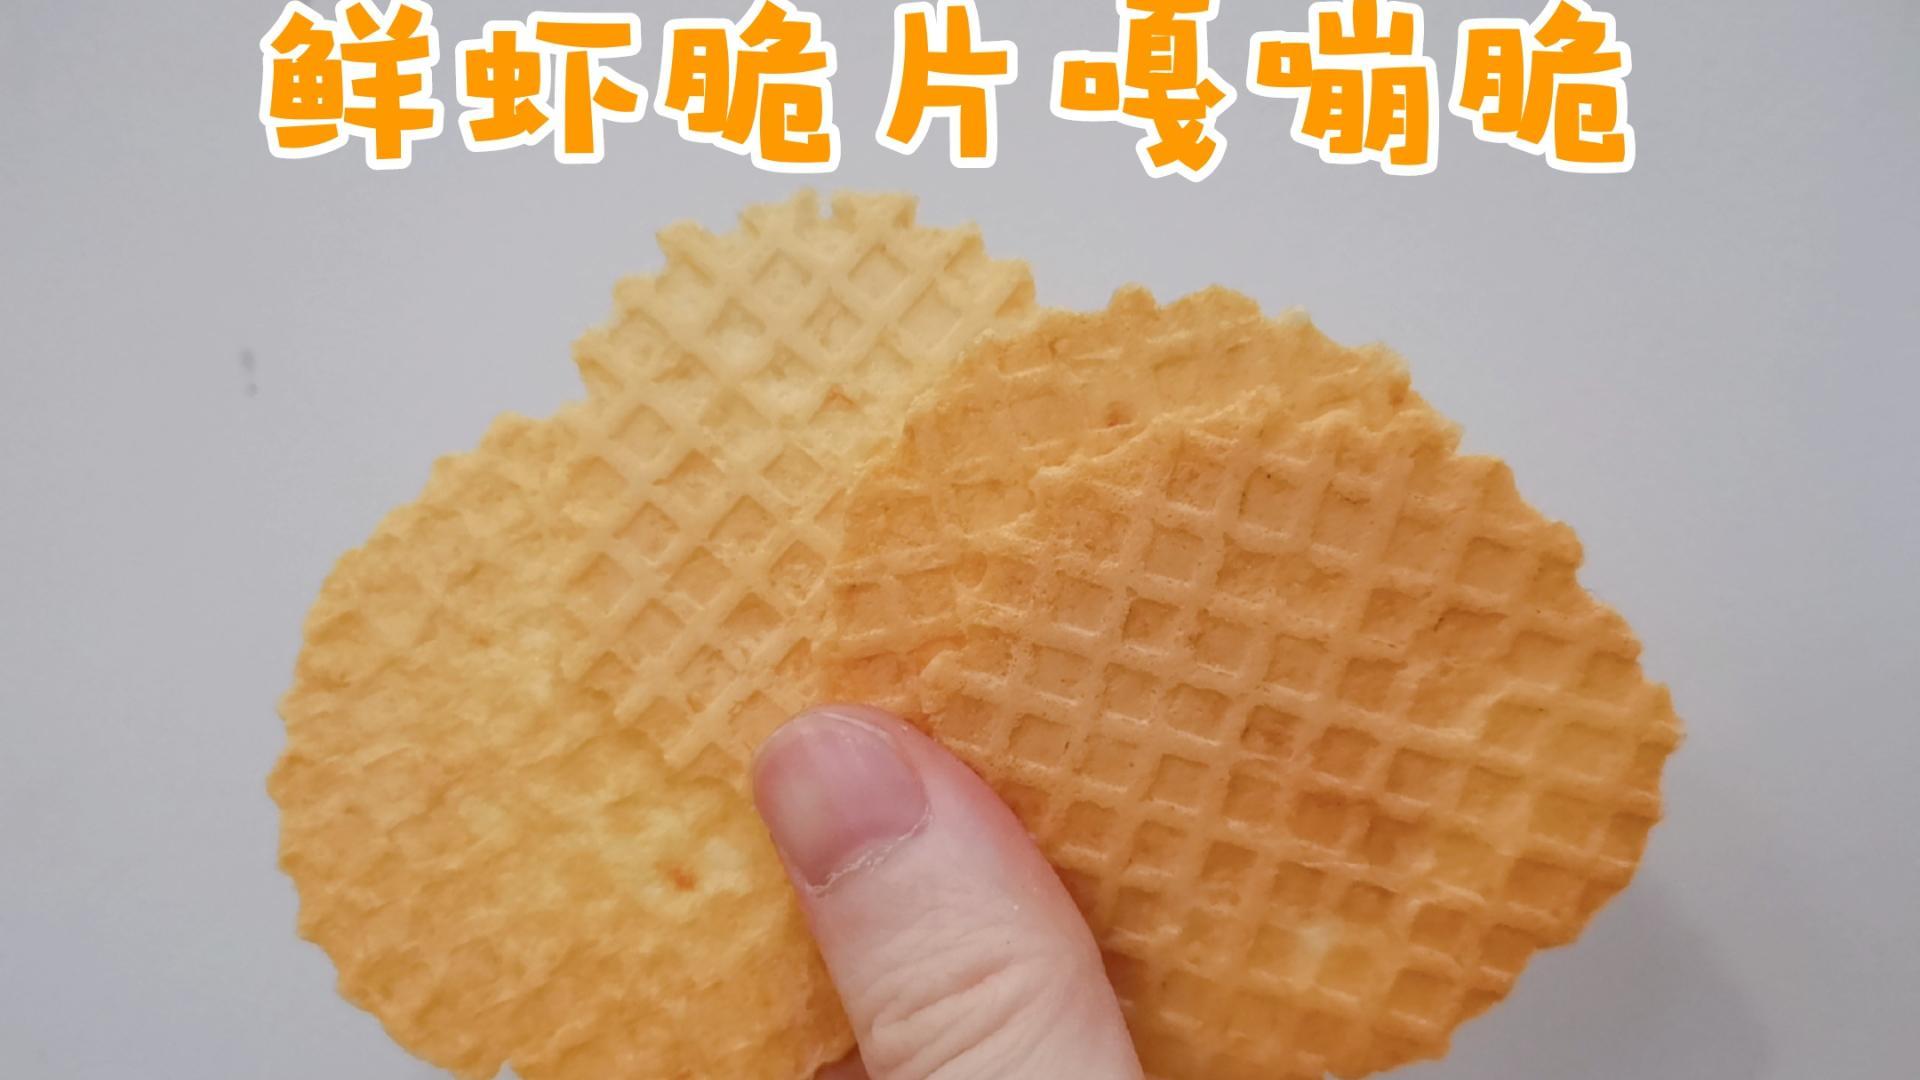 鲜虾脆片嘎嘣脆,无添加磨牙补钙零食宝宝辅食